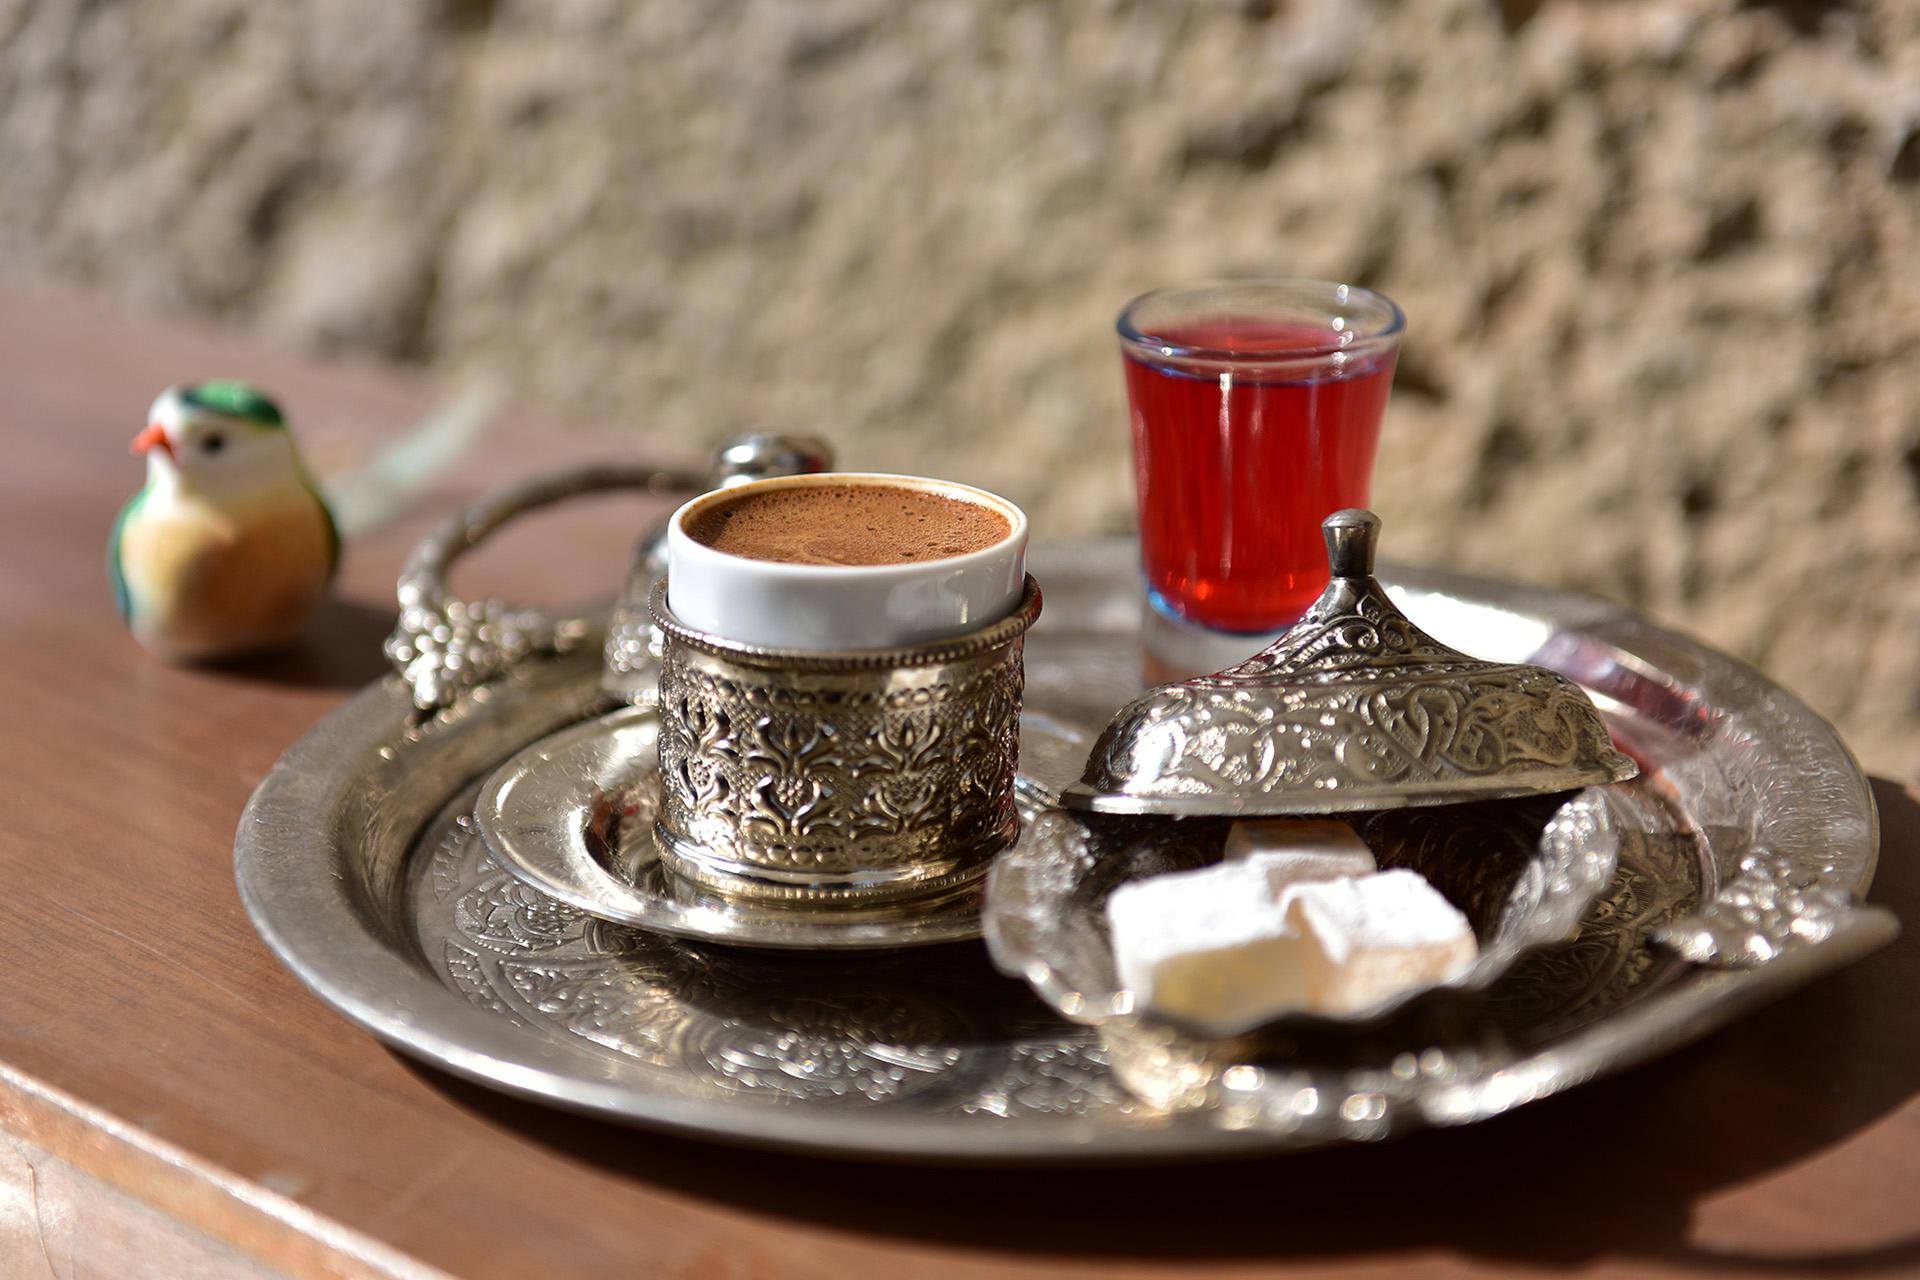 Почивка Нова година в Истанбул с нощен преход от София